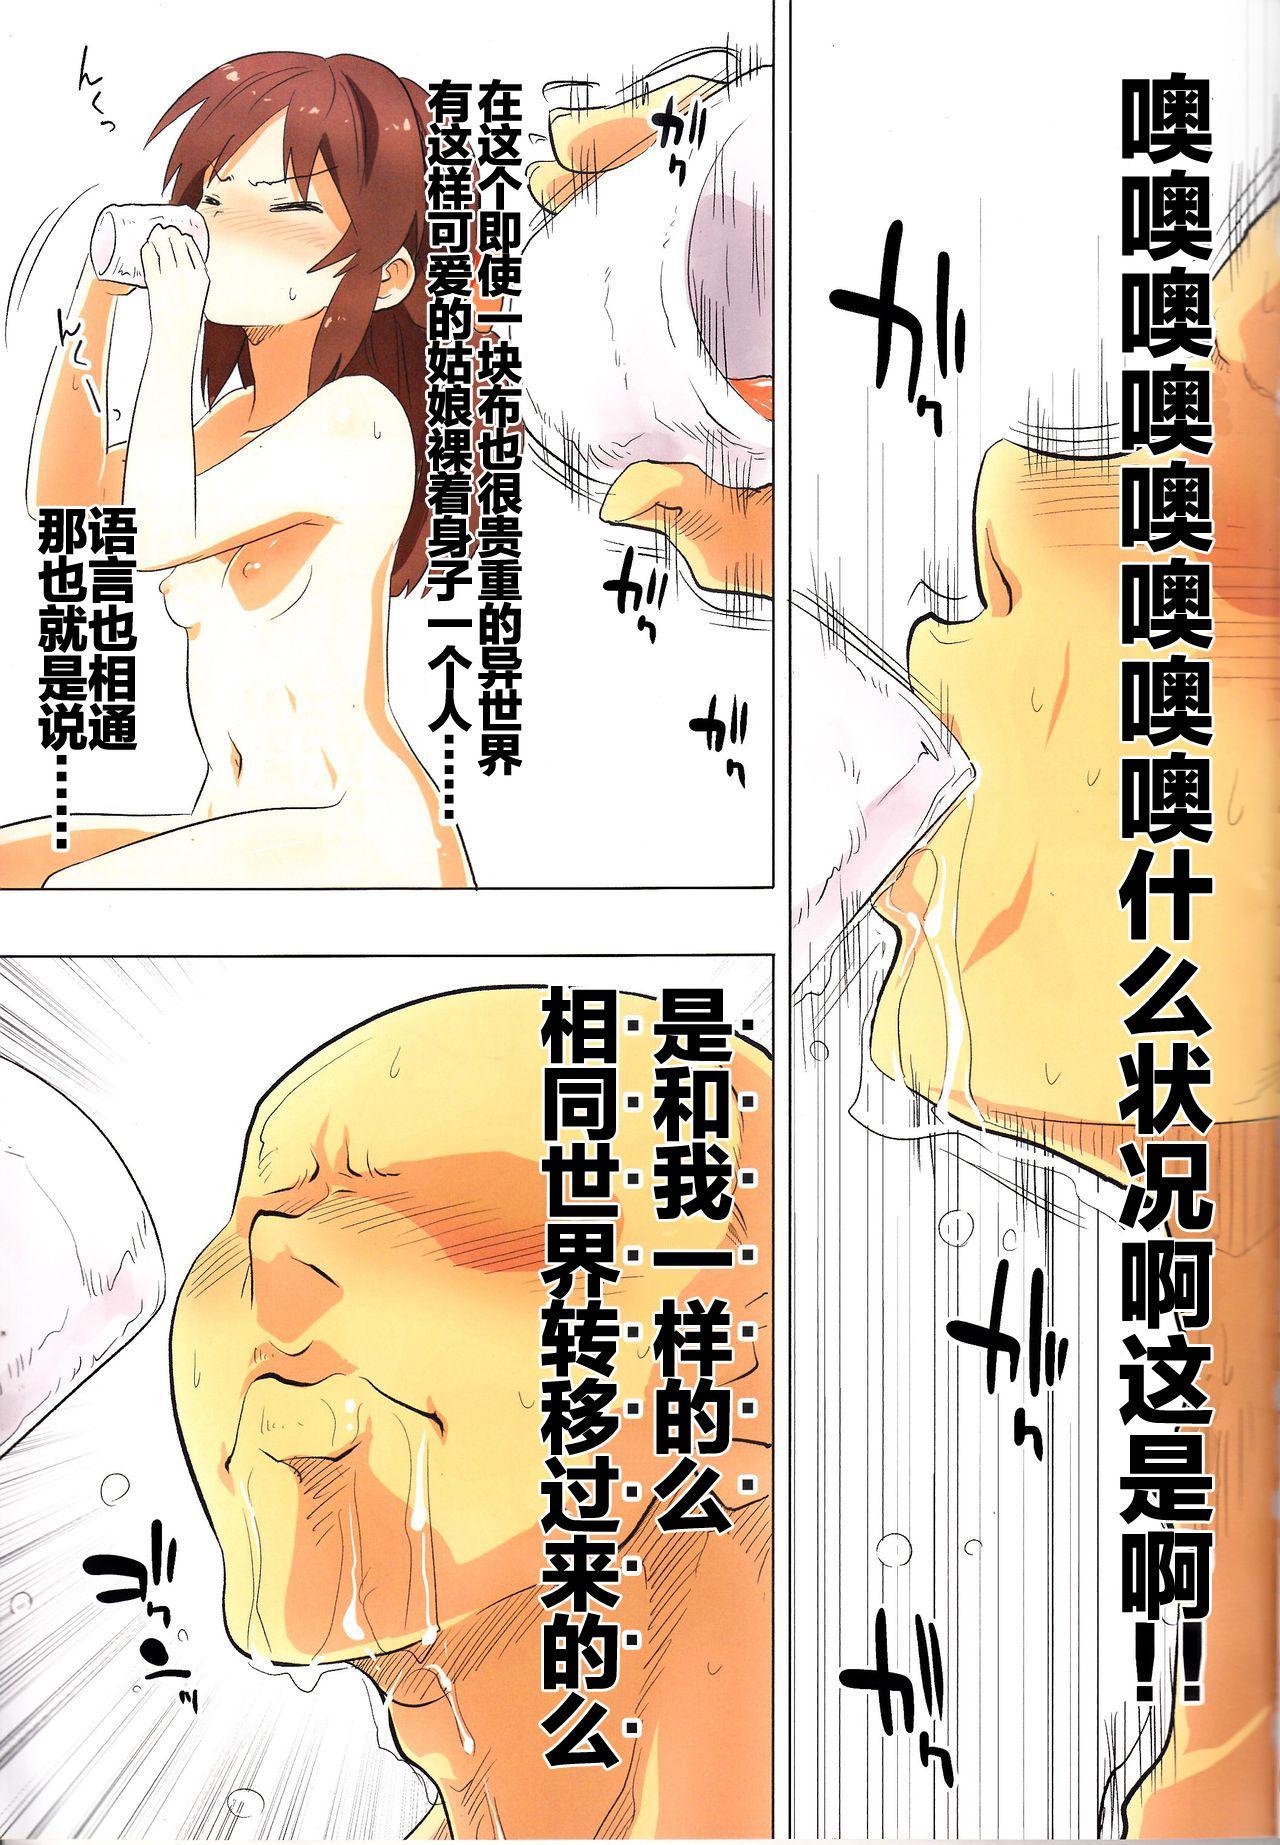 Jibun no Mihitotsu de Isekai ni Teni shita Onnanoko no Hanashi 11